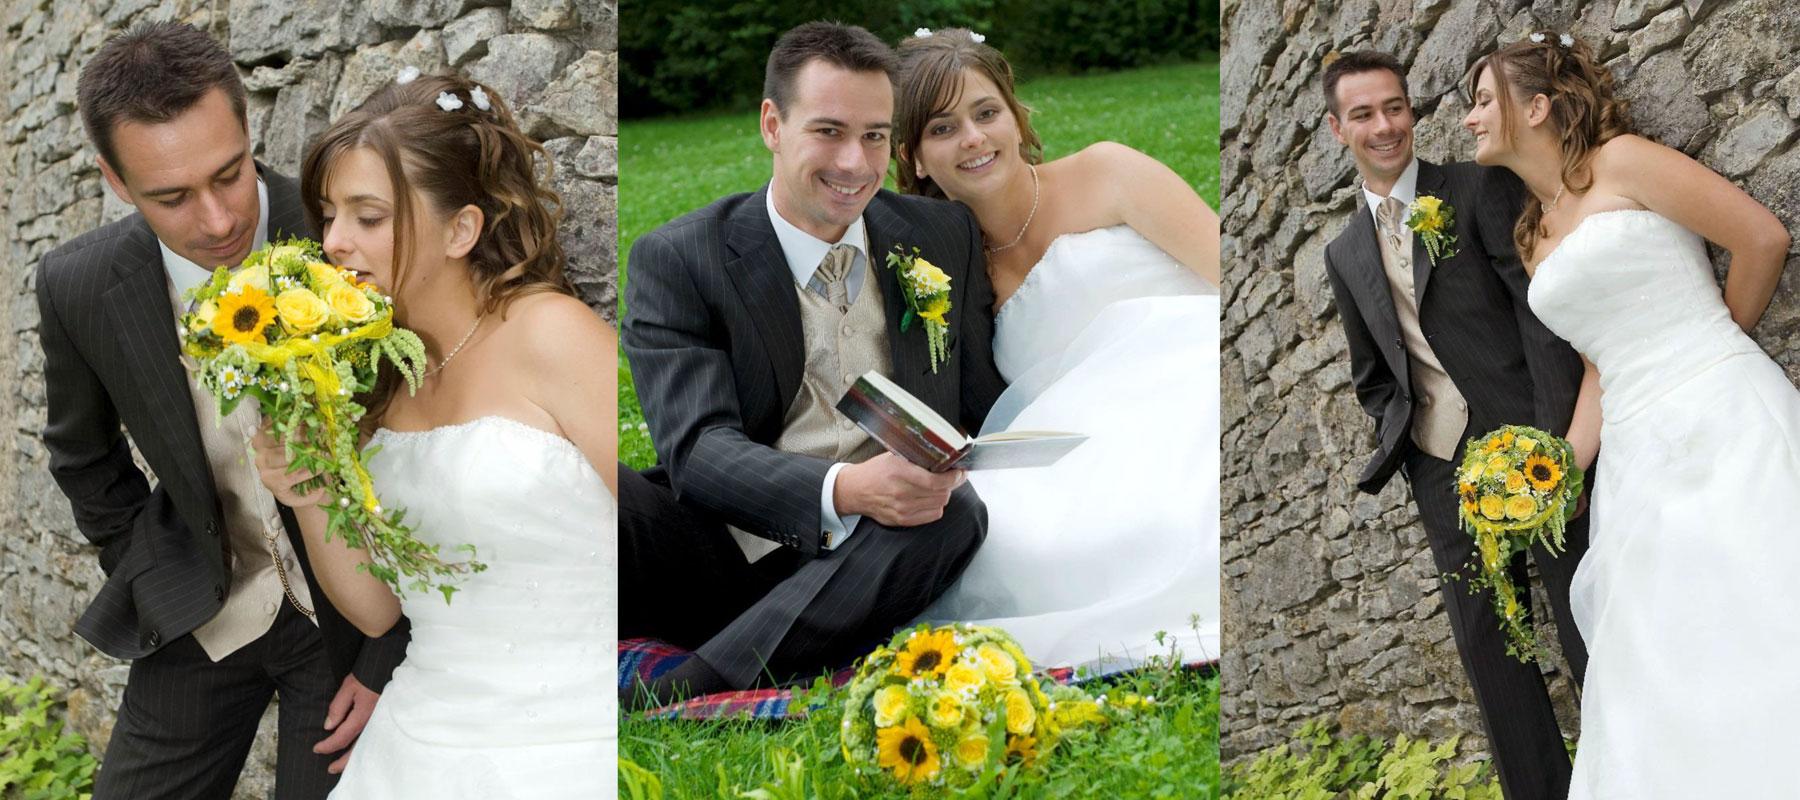 Brautpaar mit gelben Brautstrauß